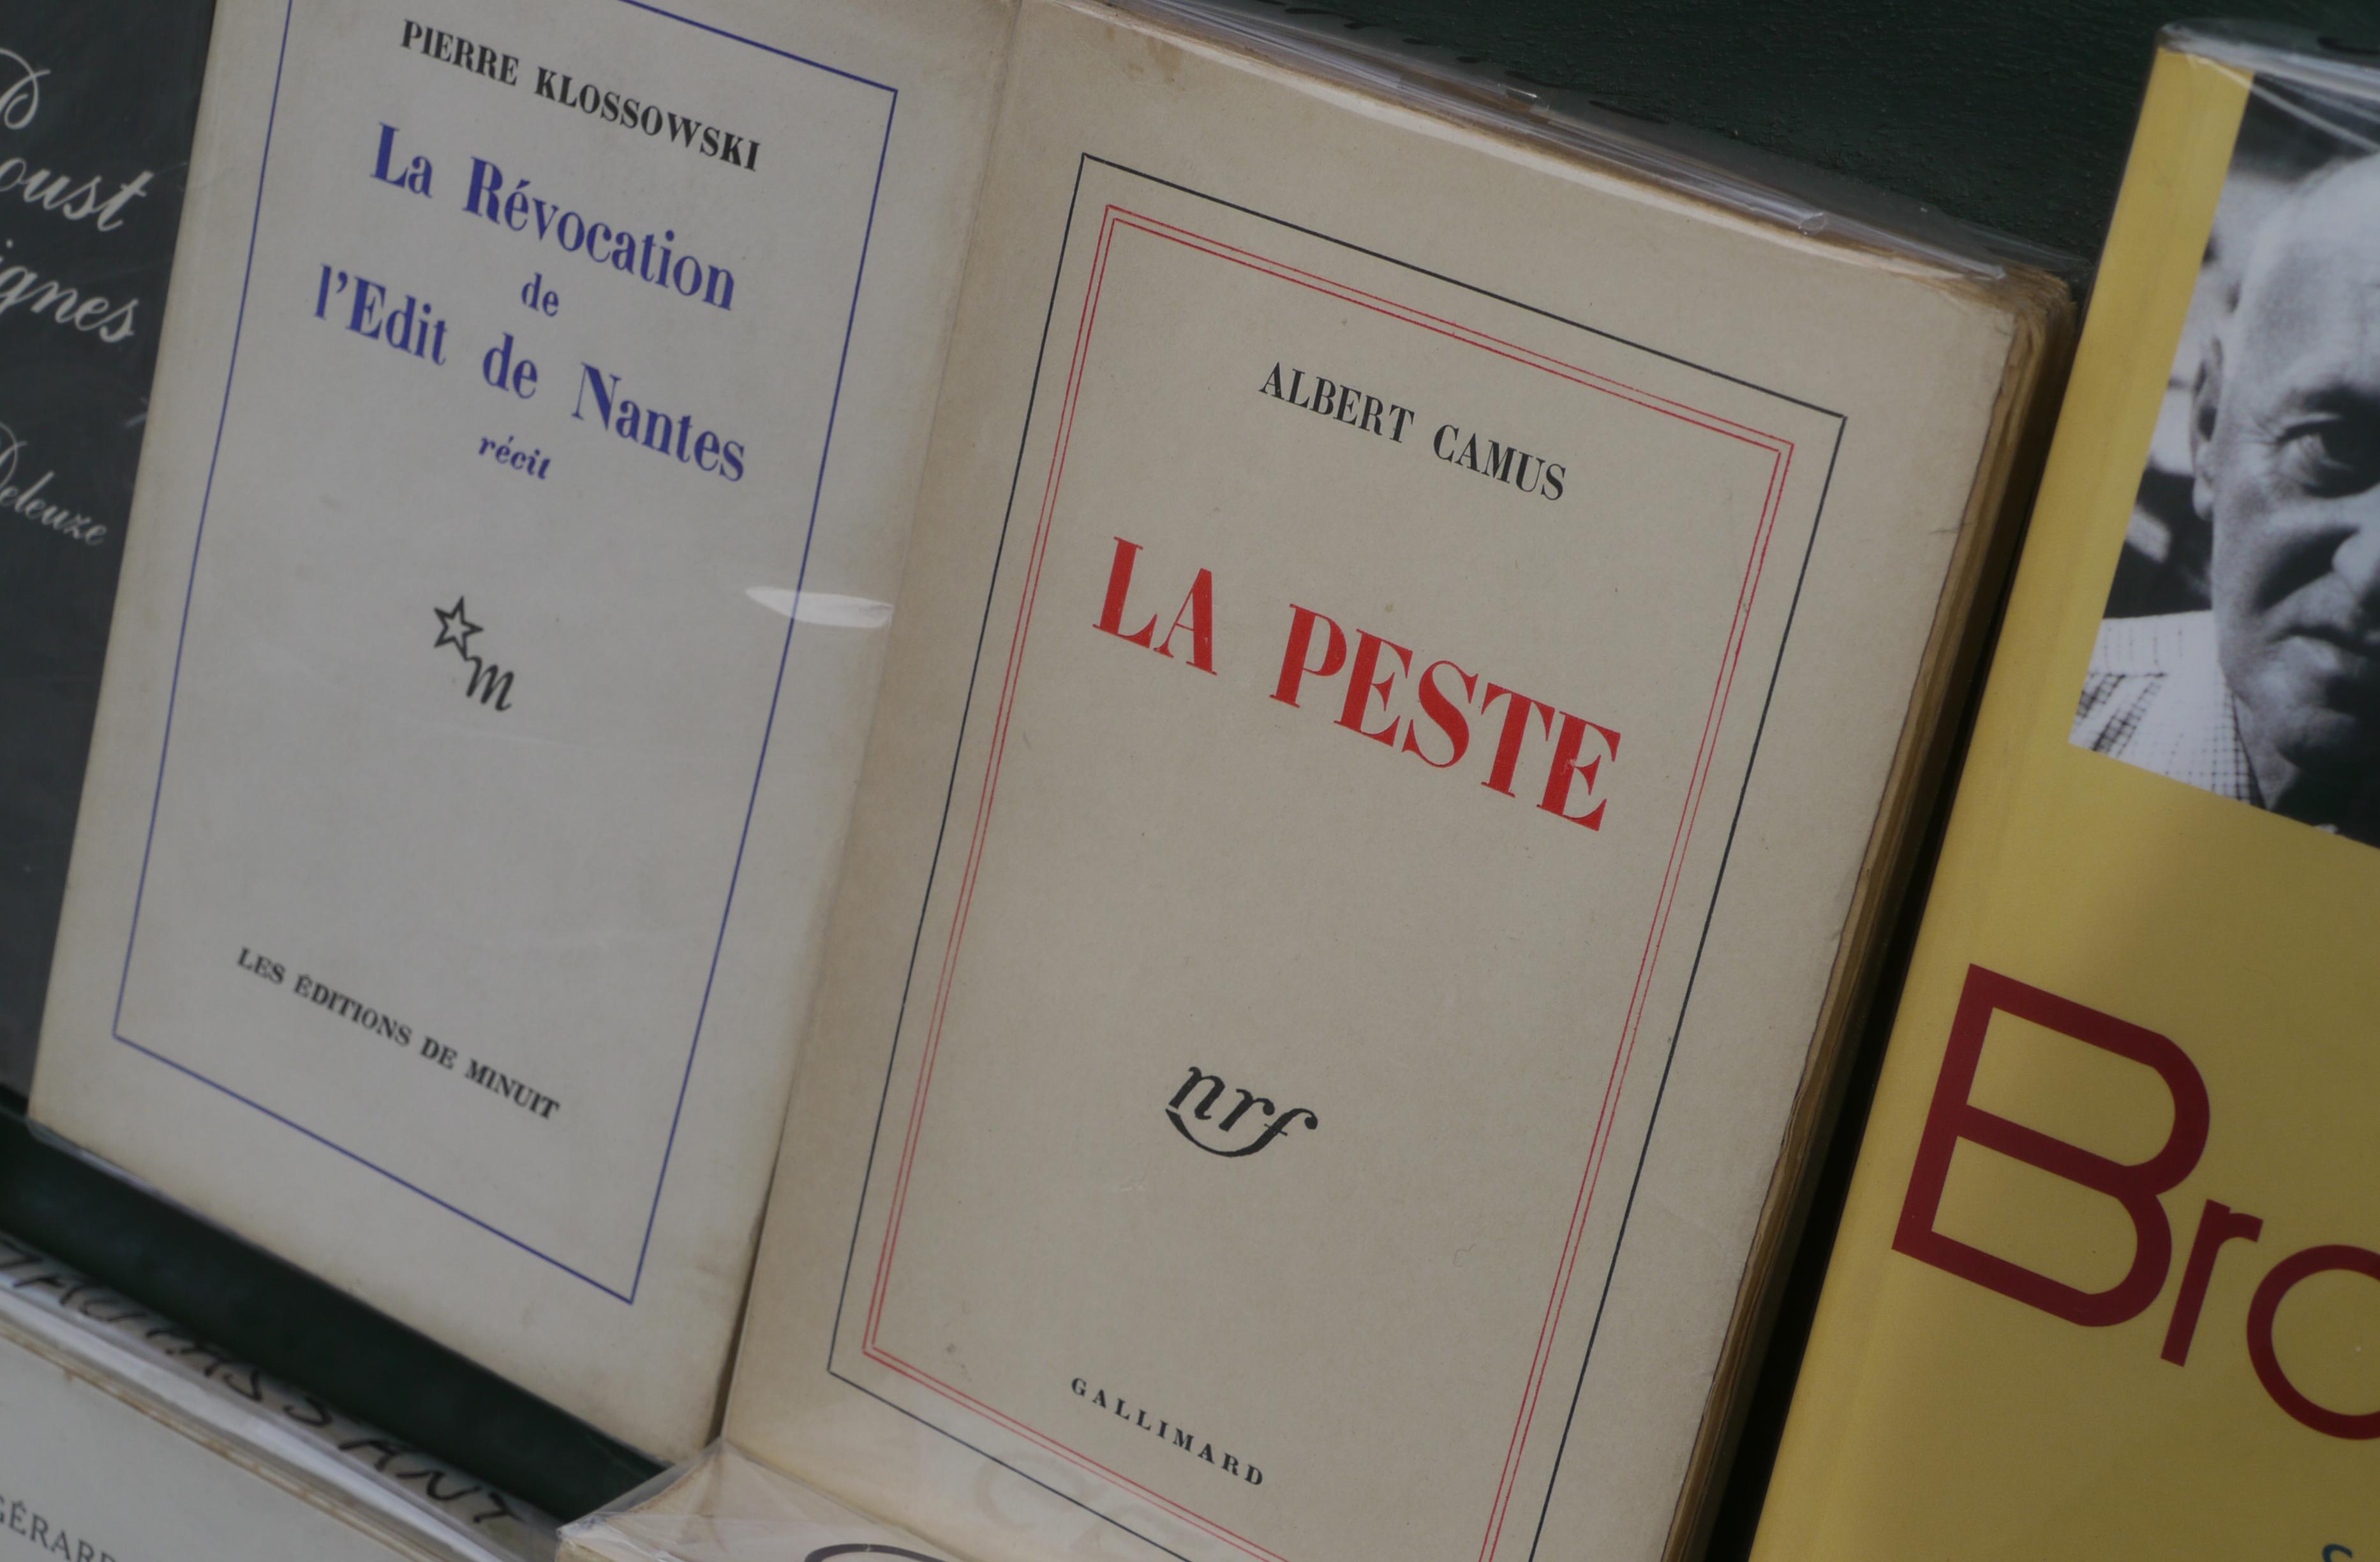 Paris 49 Pesten